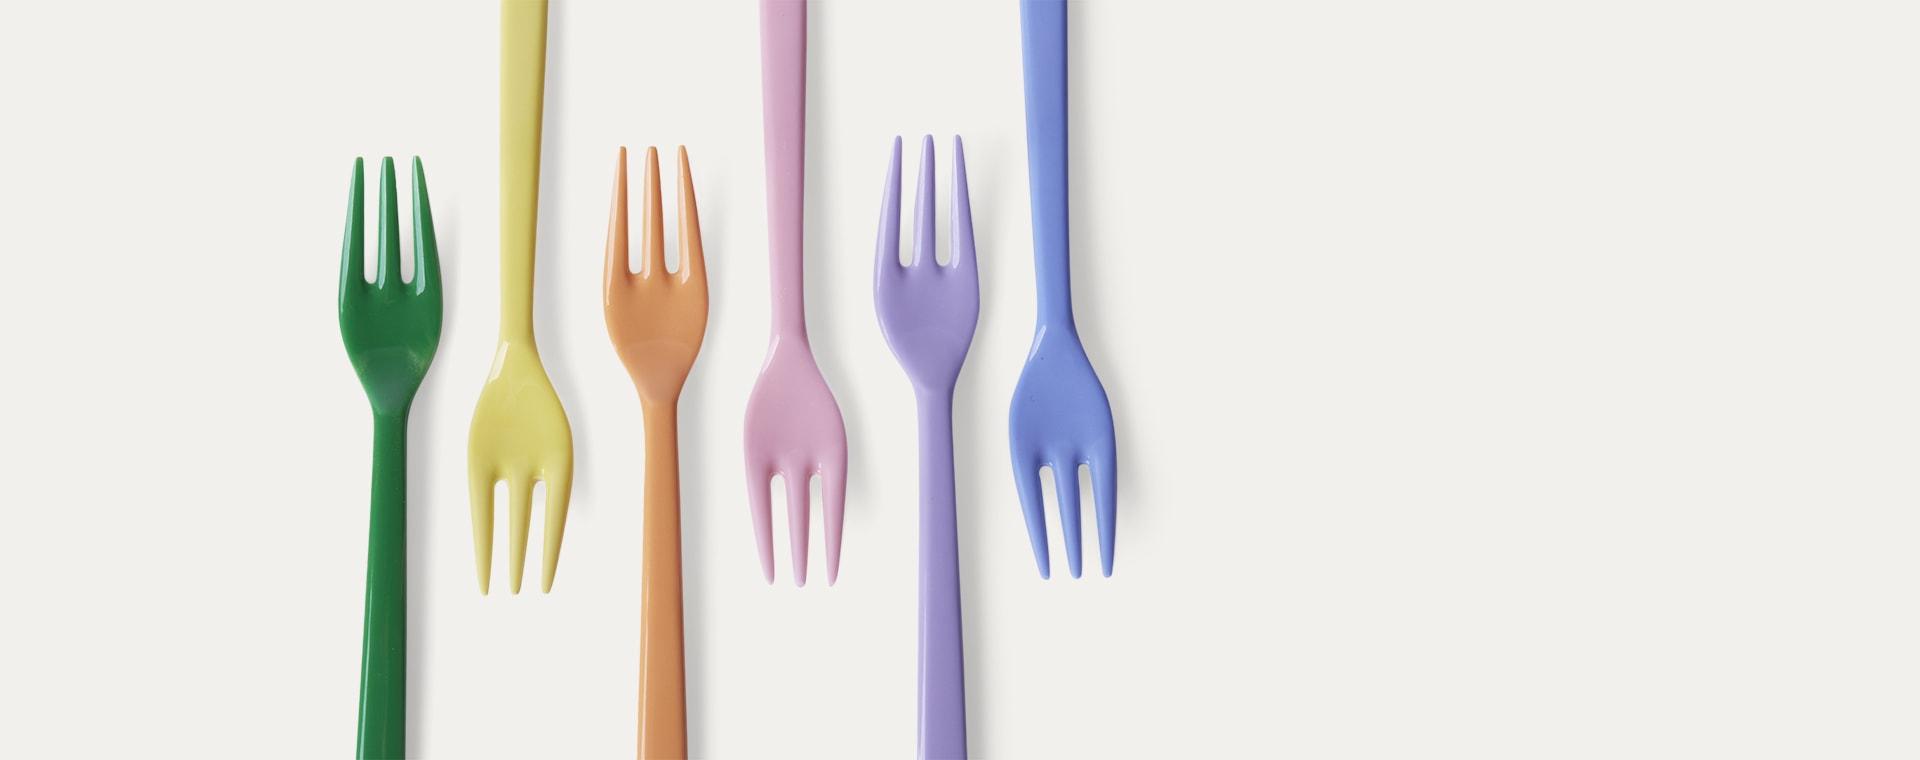 Summer Pastels Forks Rice Melamine Cutlery 6 Pack